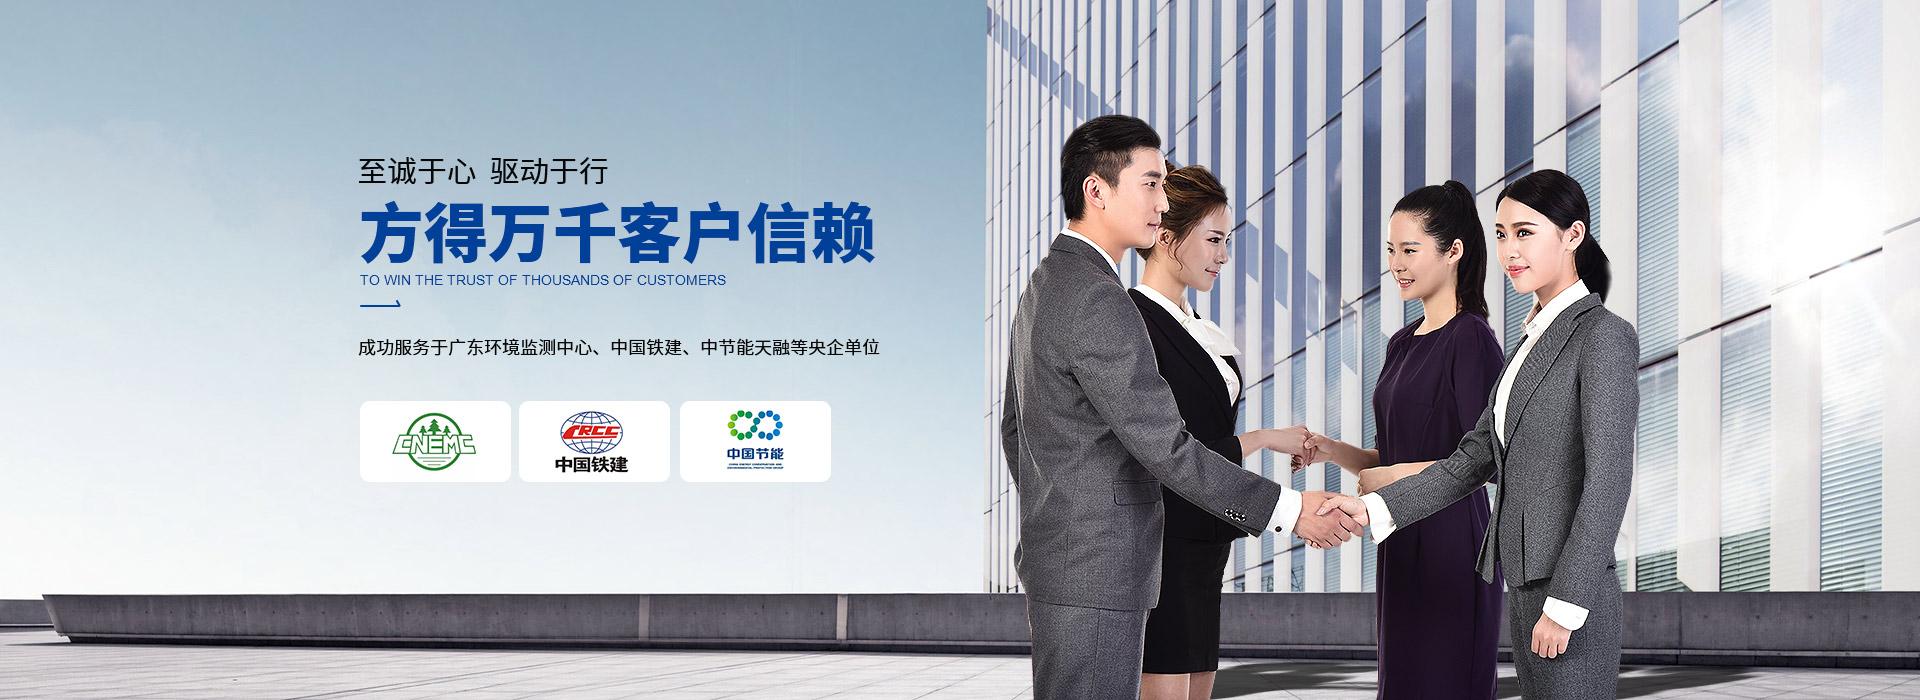 至诚于心  驱动于行  方得万千客户信赖 源慧达成功服务于广东环境监测中心、中国铁建、中节能天融等央企单位